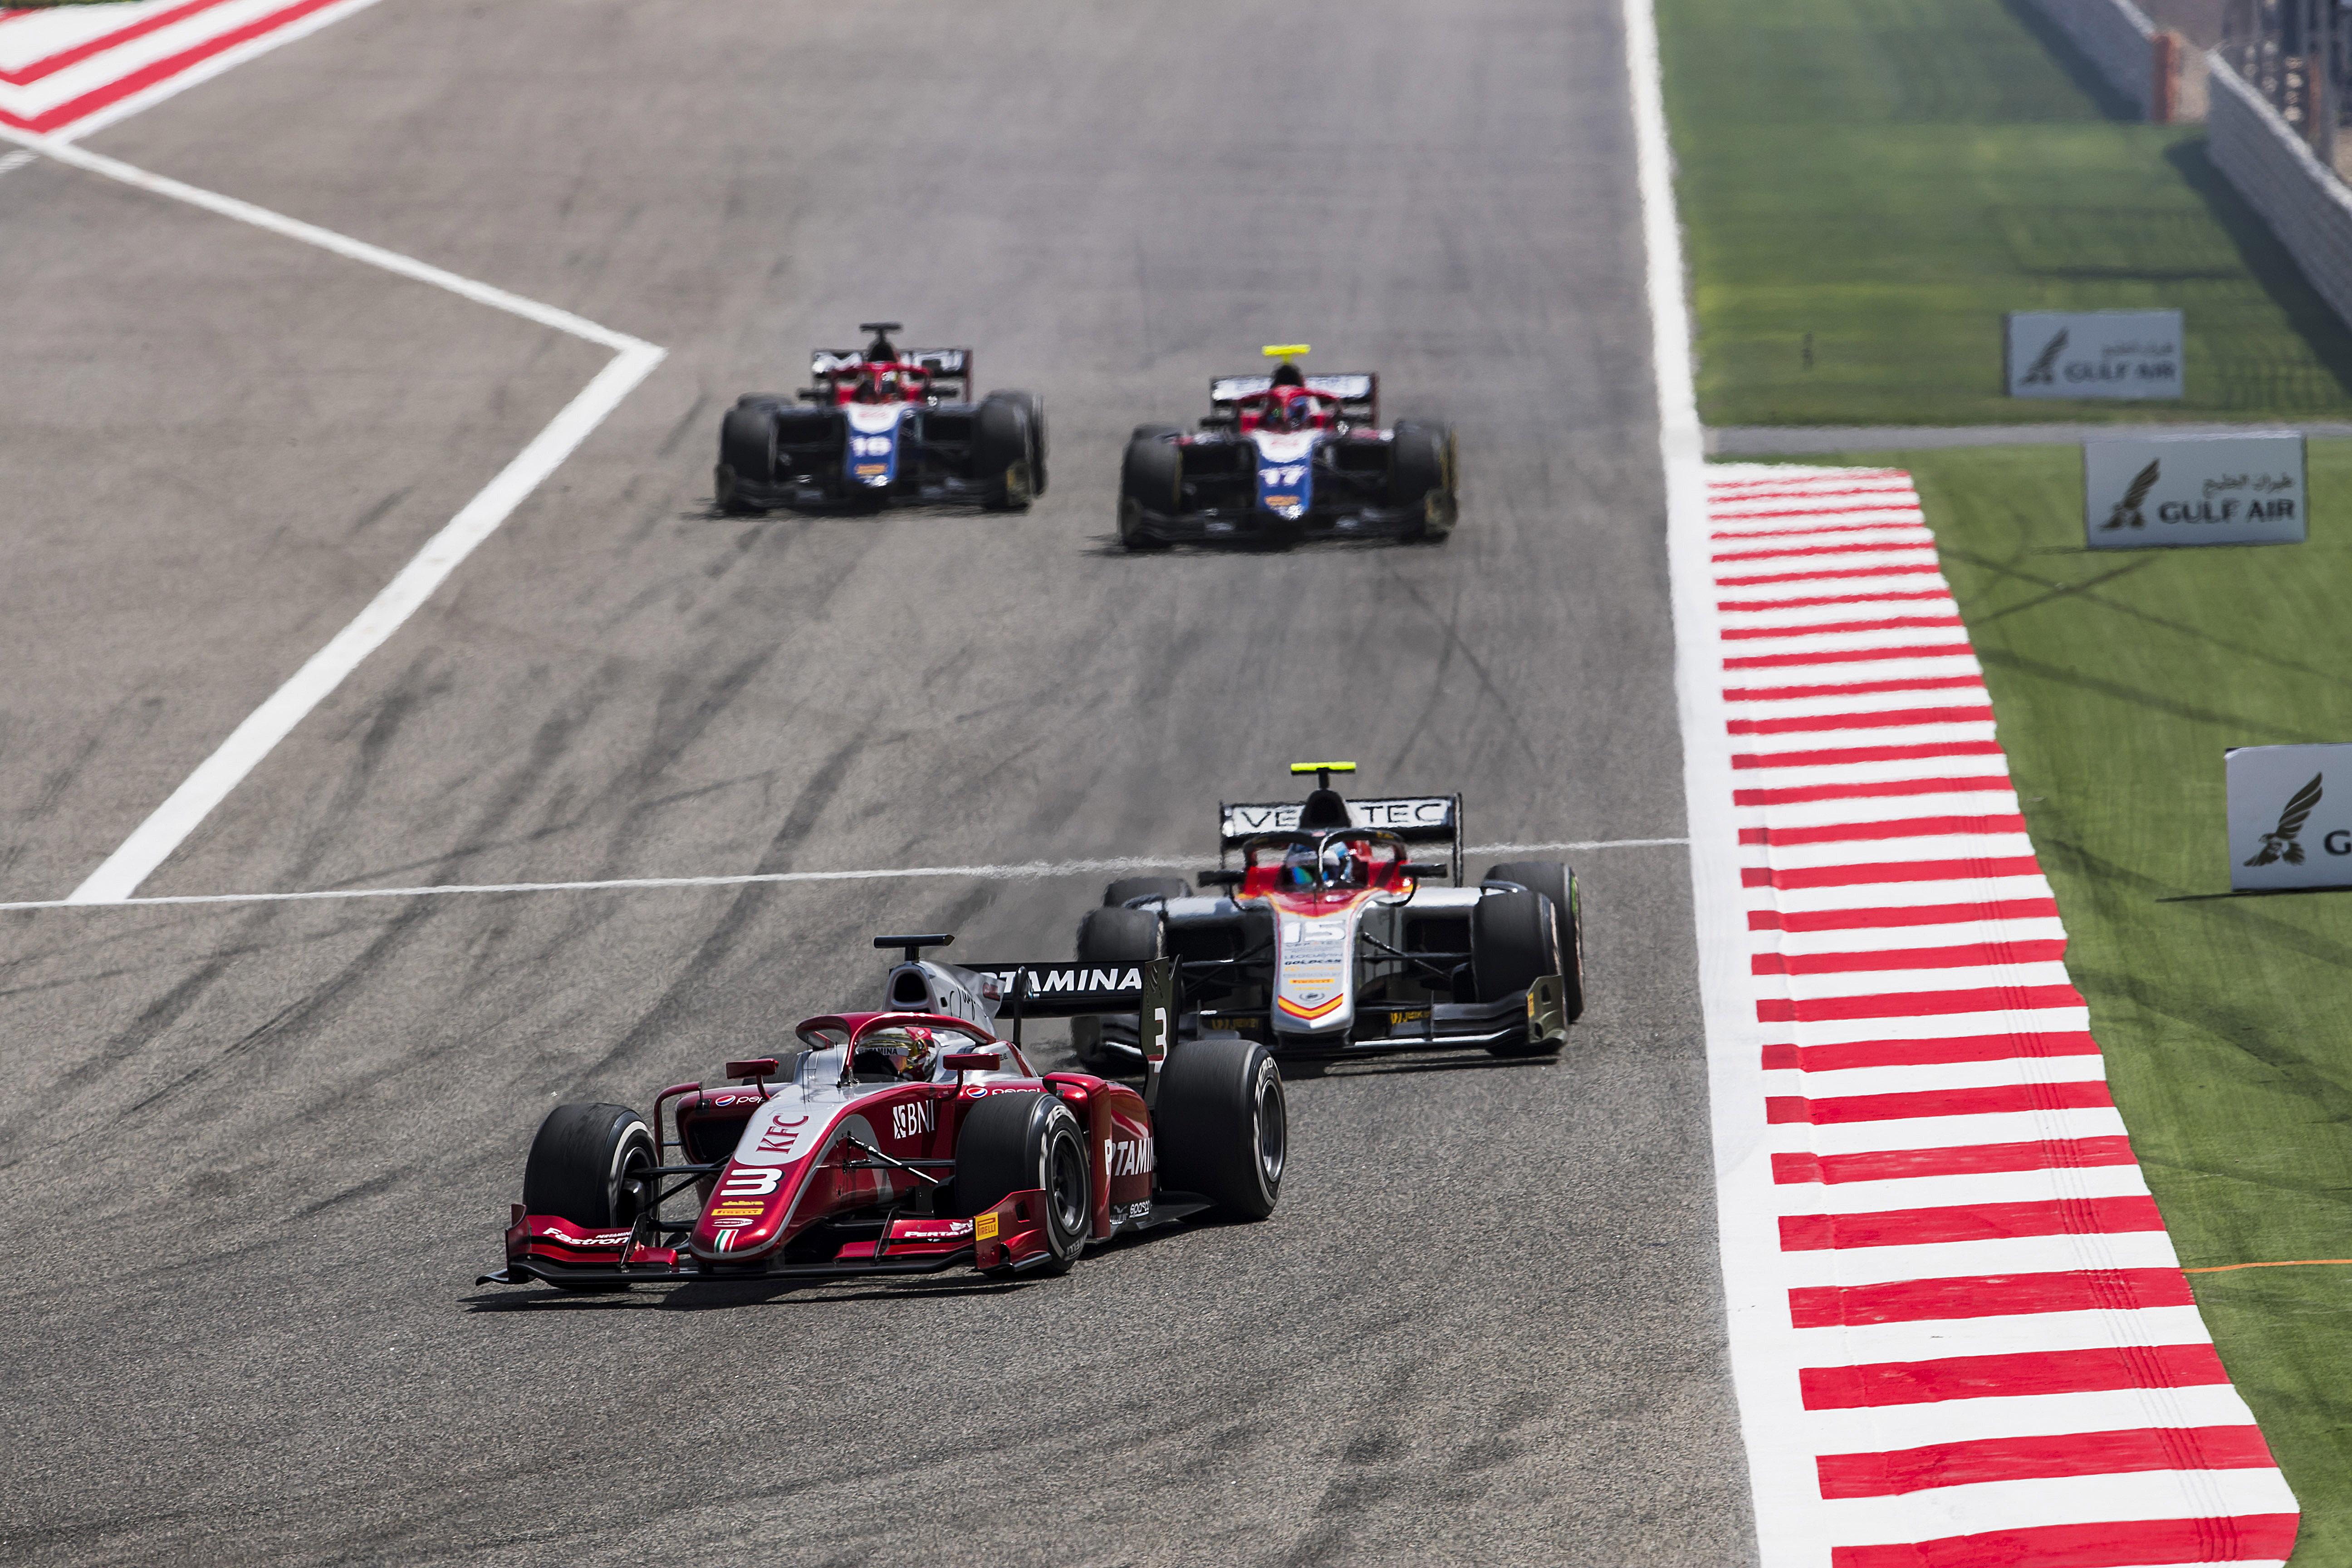 Aksi Pebalap Pertamina Prema Theodore Racing, Sean Gelael saat tampil di balapan pertama F2 2018 di Sirkuit Sakhir Bahrain (7/4). Sean tampil impresif dengan finis di posisi tujuh meski mengawali balapan dari posisi 19 (Foto: Dok. F2)